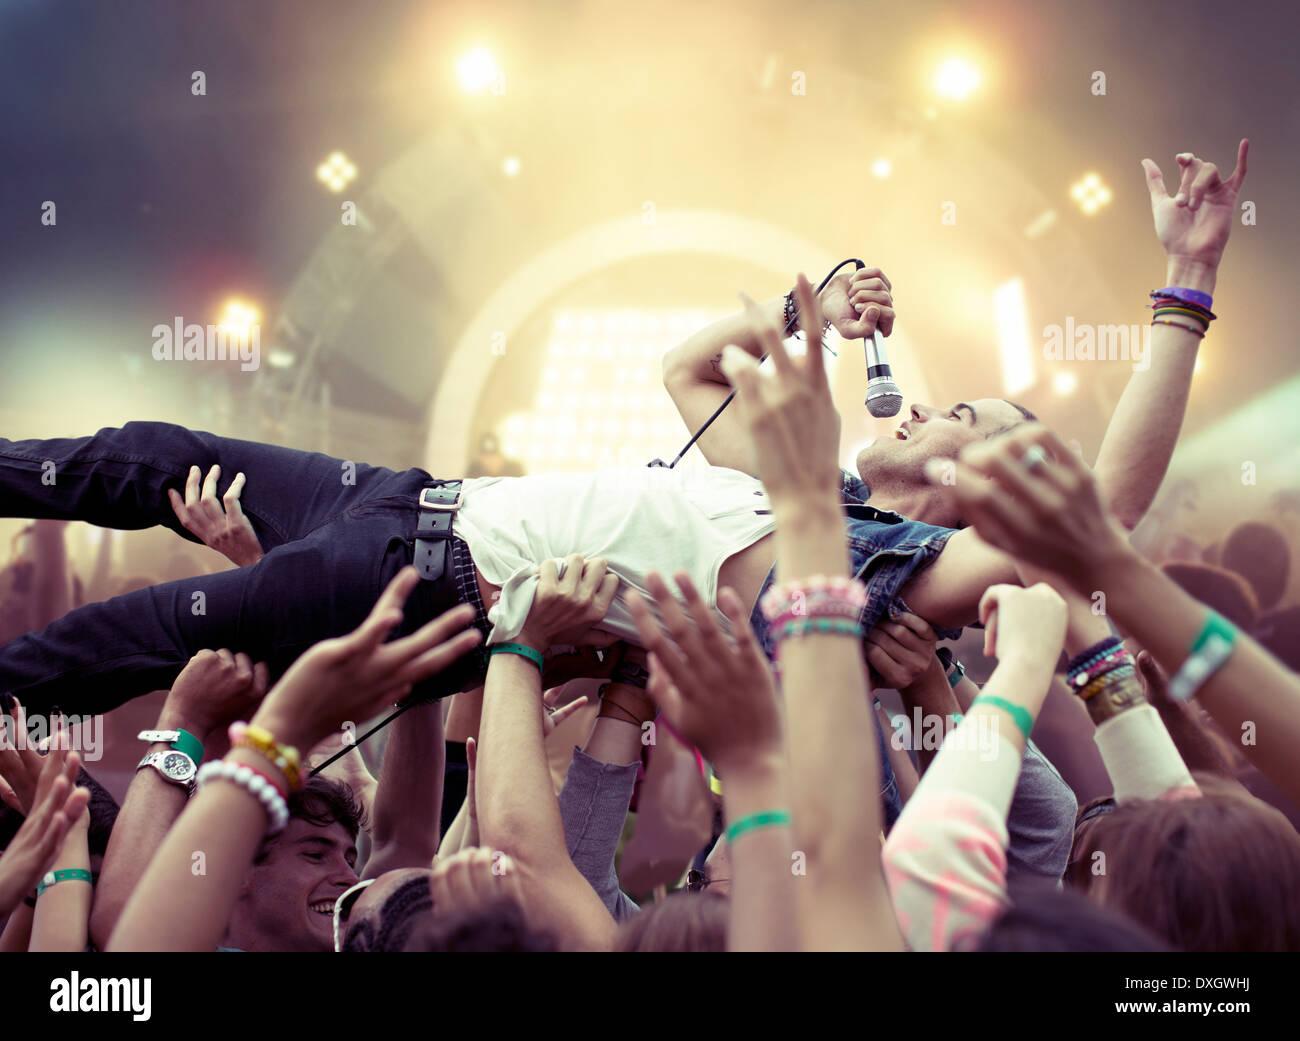 Attore folla surf presso il festival di musica Immagini Stock